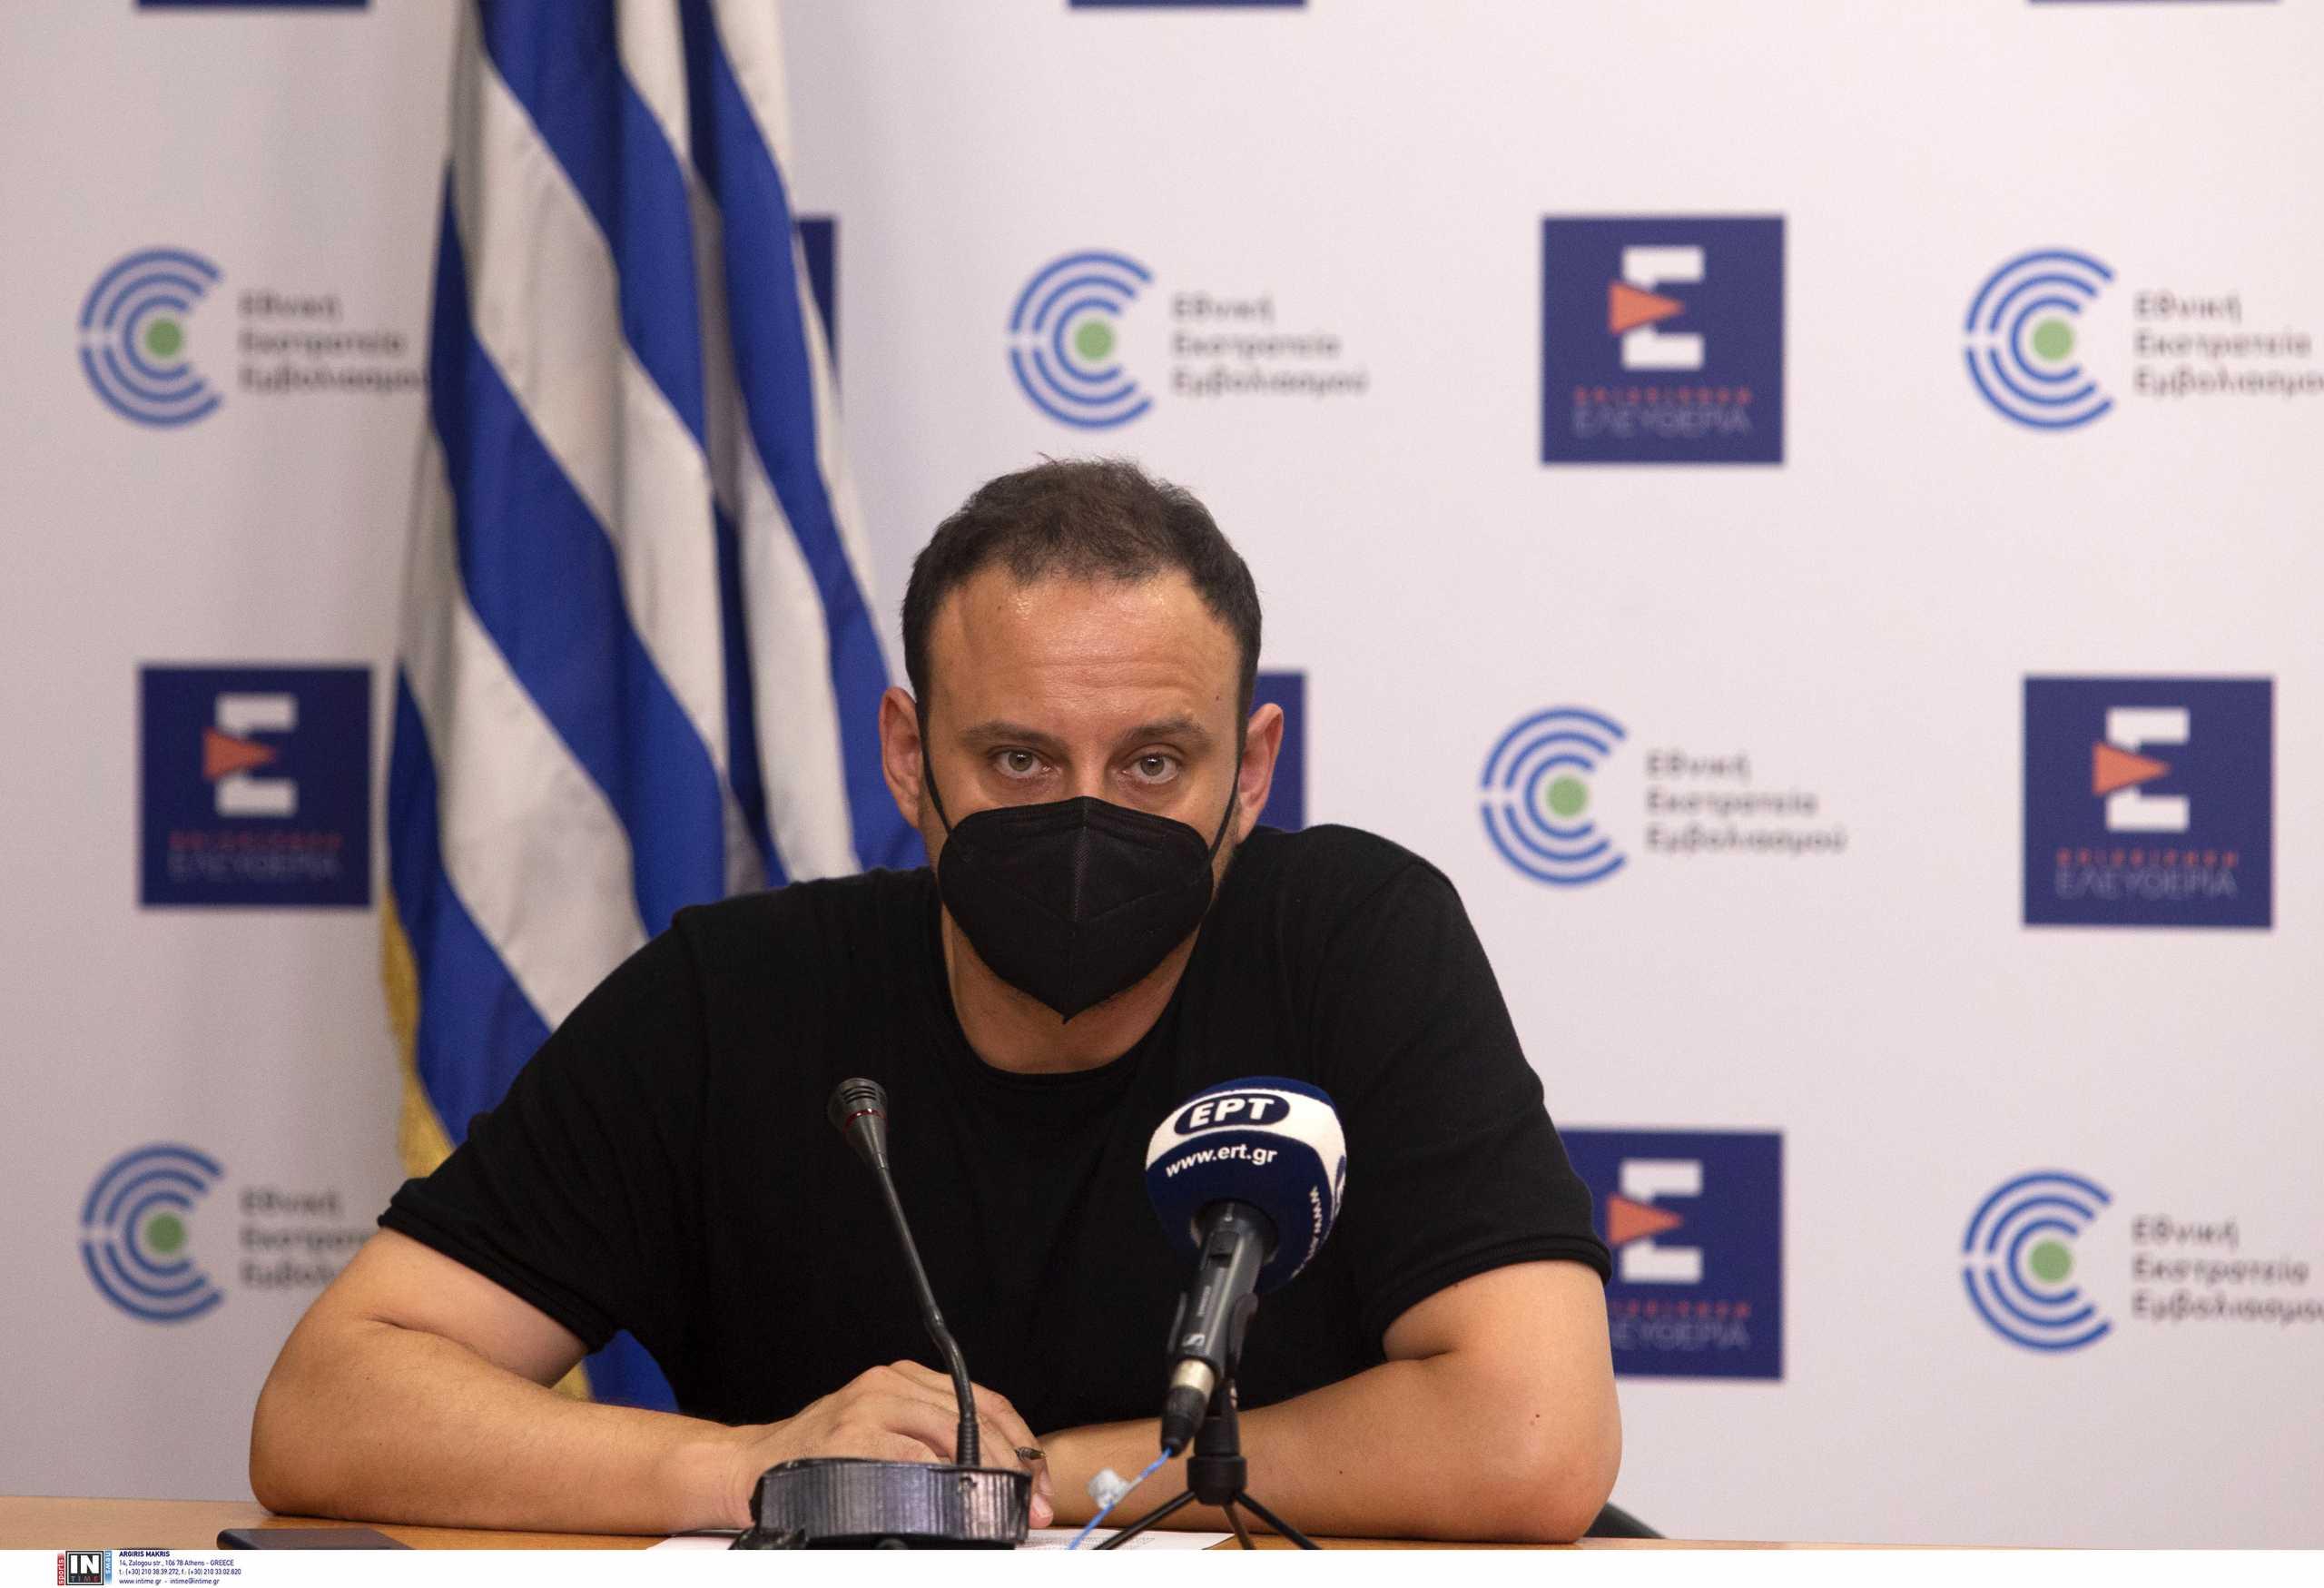 Γκίκας Μαγιορκίνης: Πρέπει να ετοιμαζόμαστε για έναν δύσκολο χειμώνα – 35% αύξηση στις εισαγωγές σε ΜΕΘ